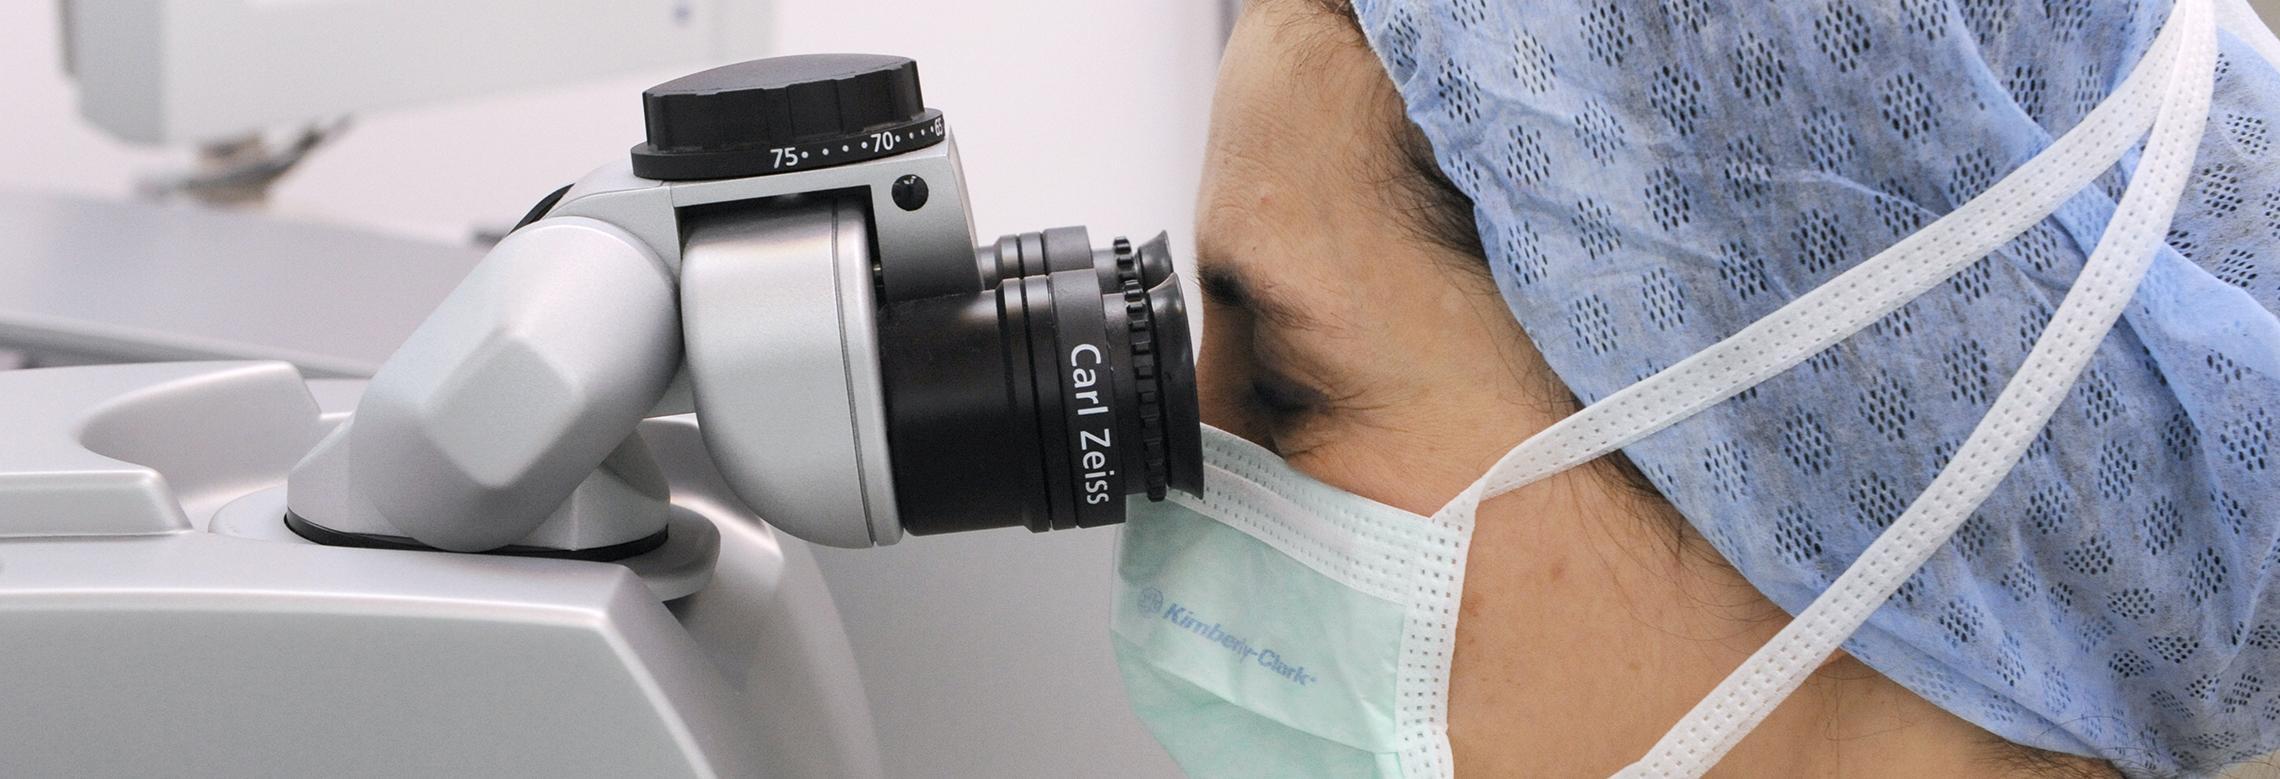 médecin qui effectue une chirurgie réfractive avec un laser